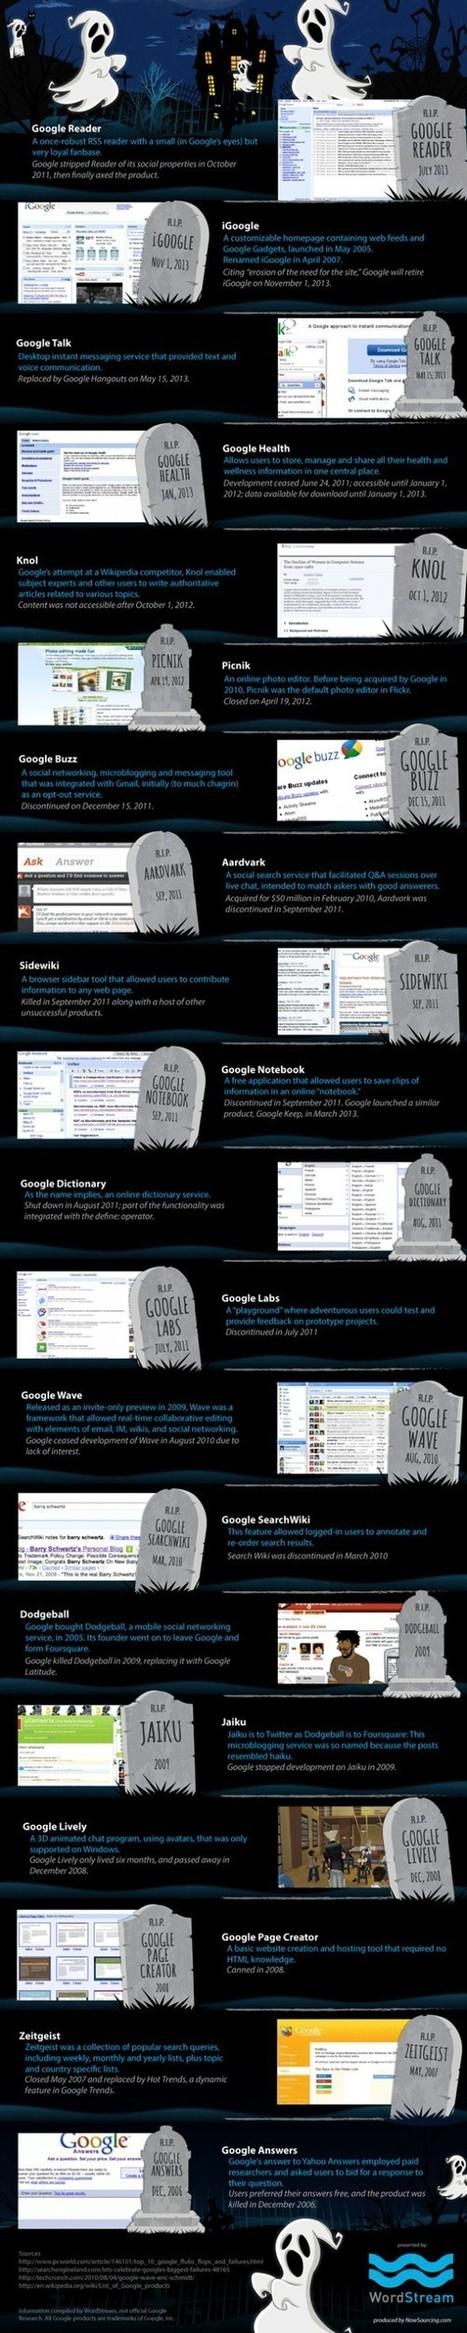 Infographic : Google Graveyard | desktop liberation | Scoop.it